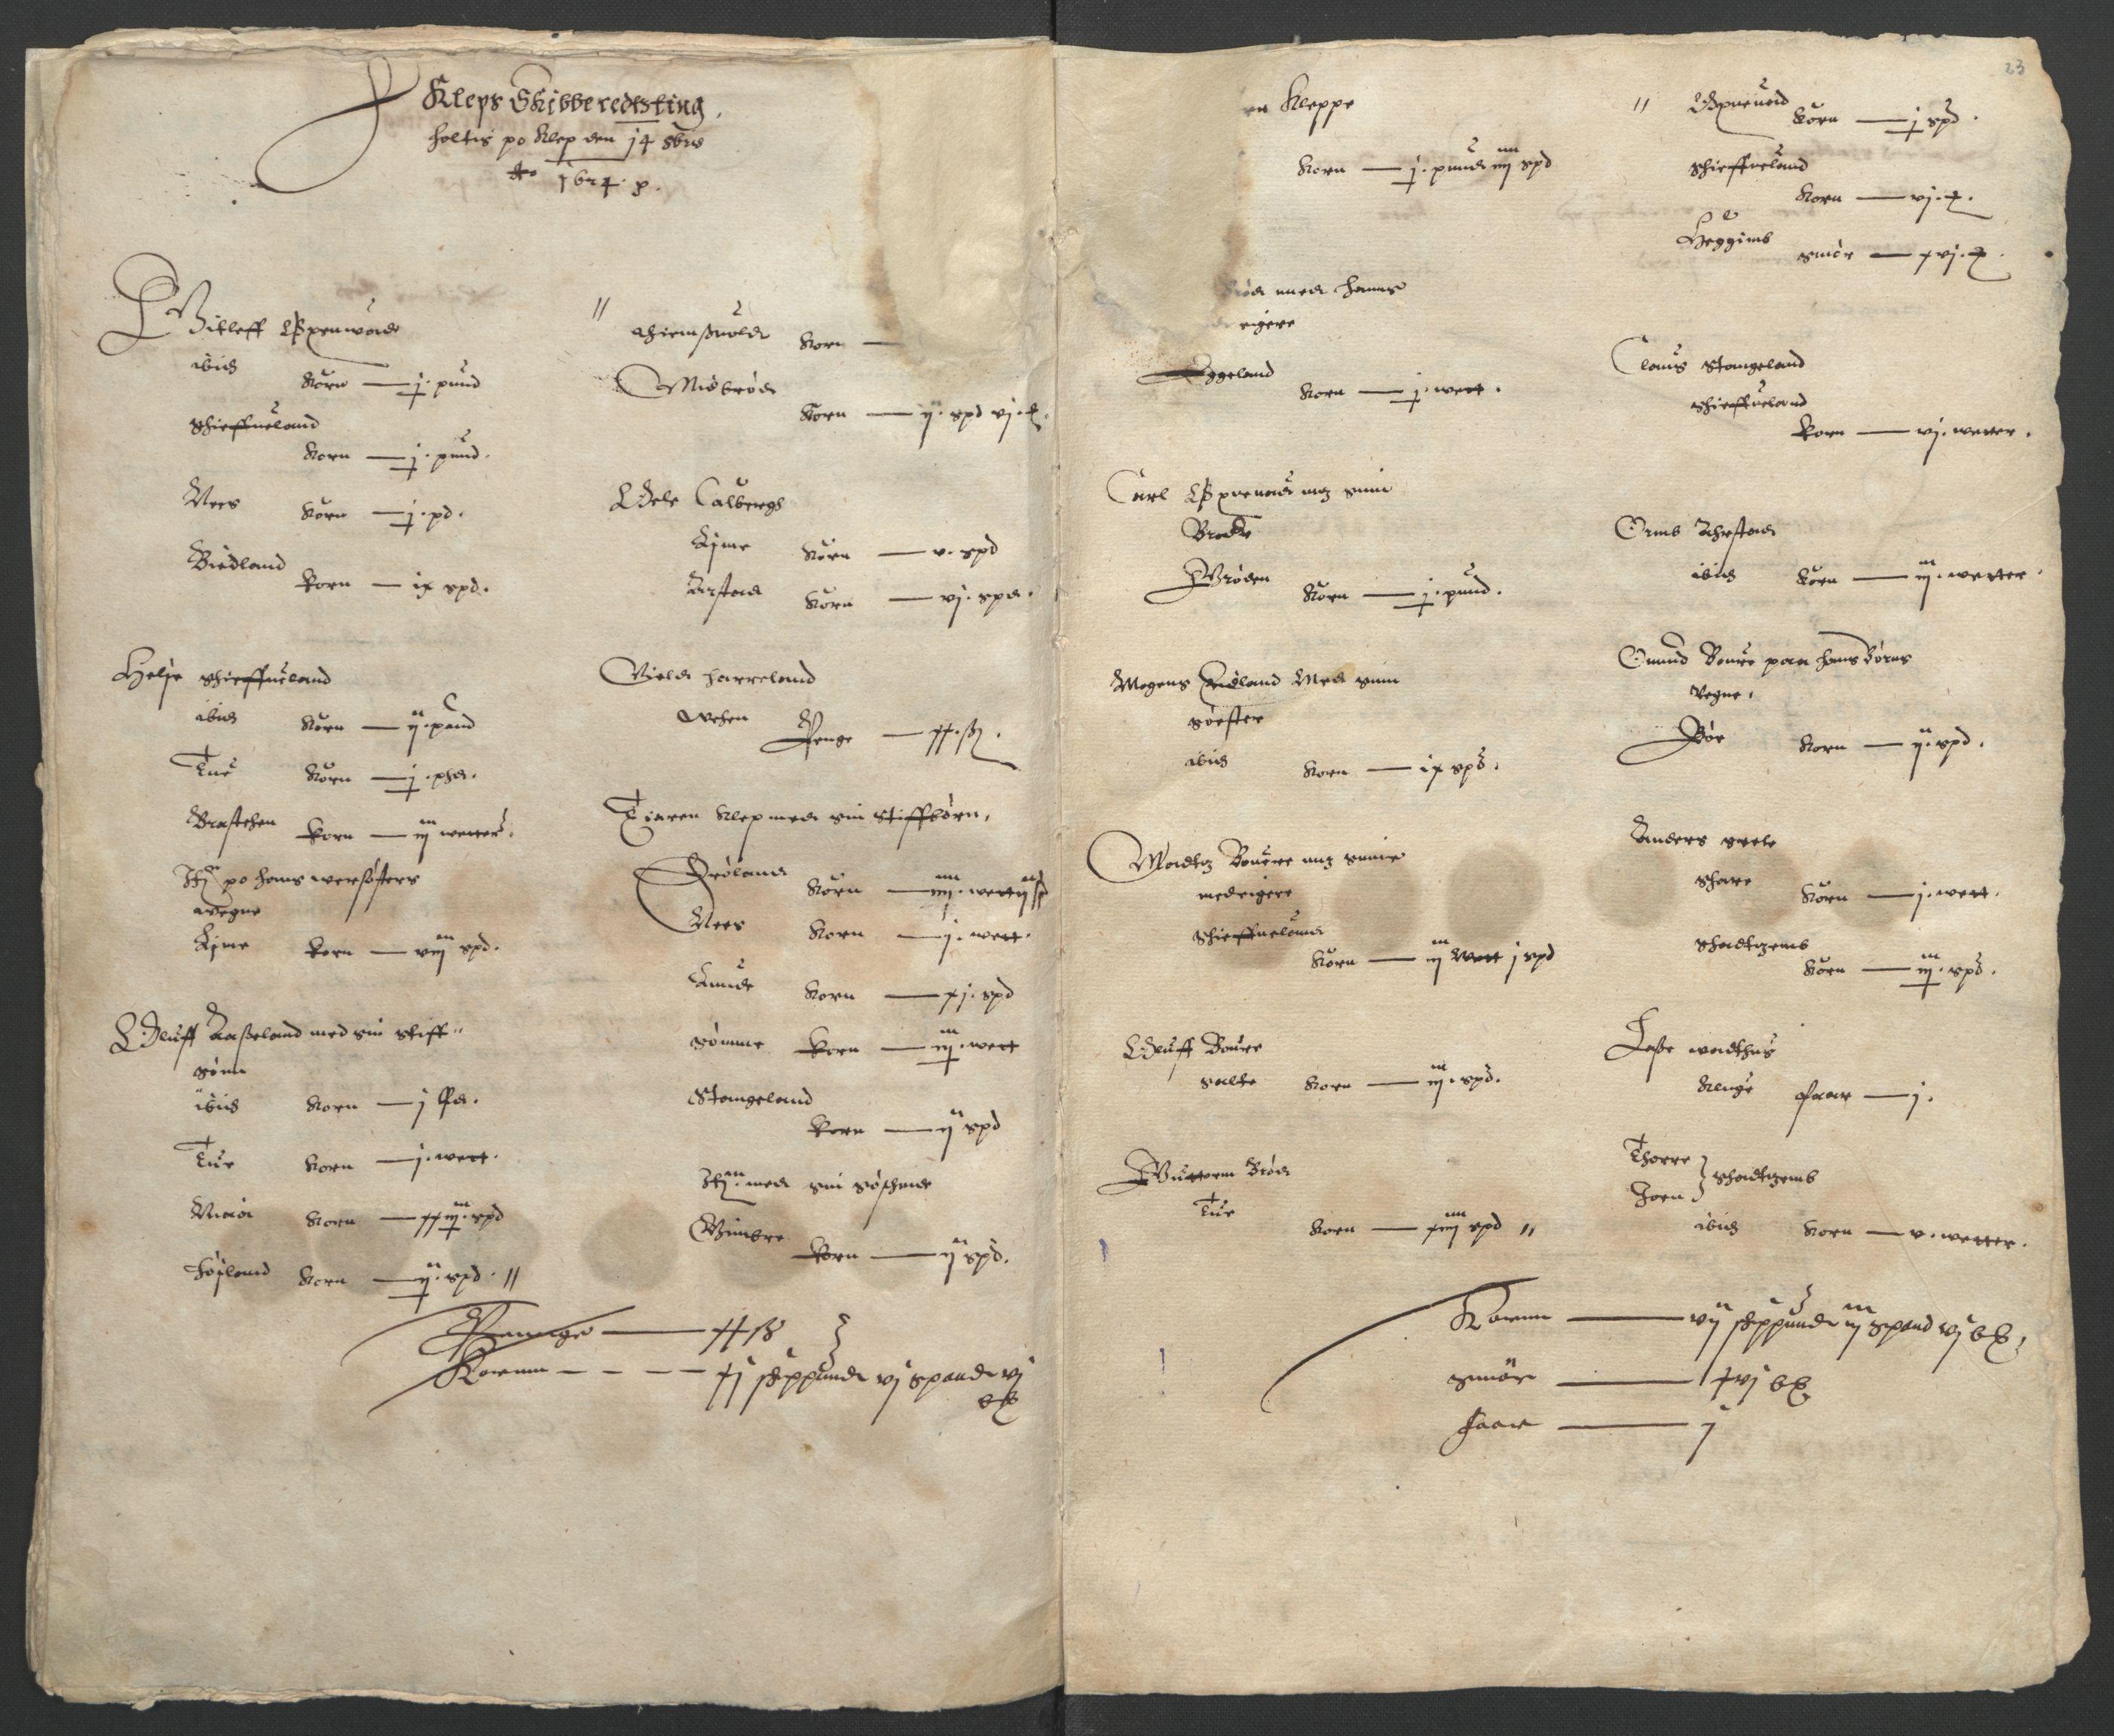 RA, Stattholderembetet 1572-1771, Ek/L0010: Jordebøker til utlikning av rosstjeneste 1624-1626:, 1624-1626, s. 57